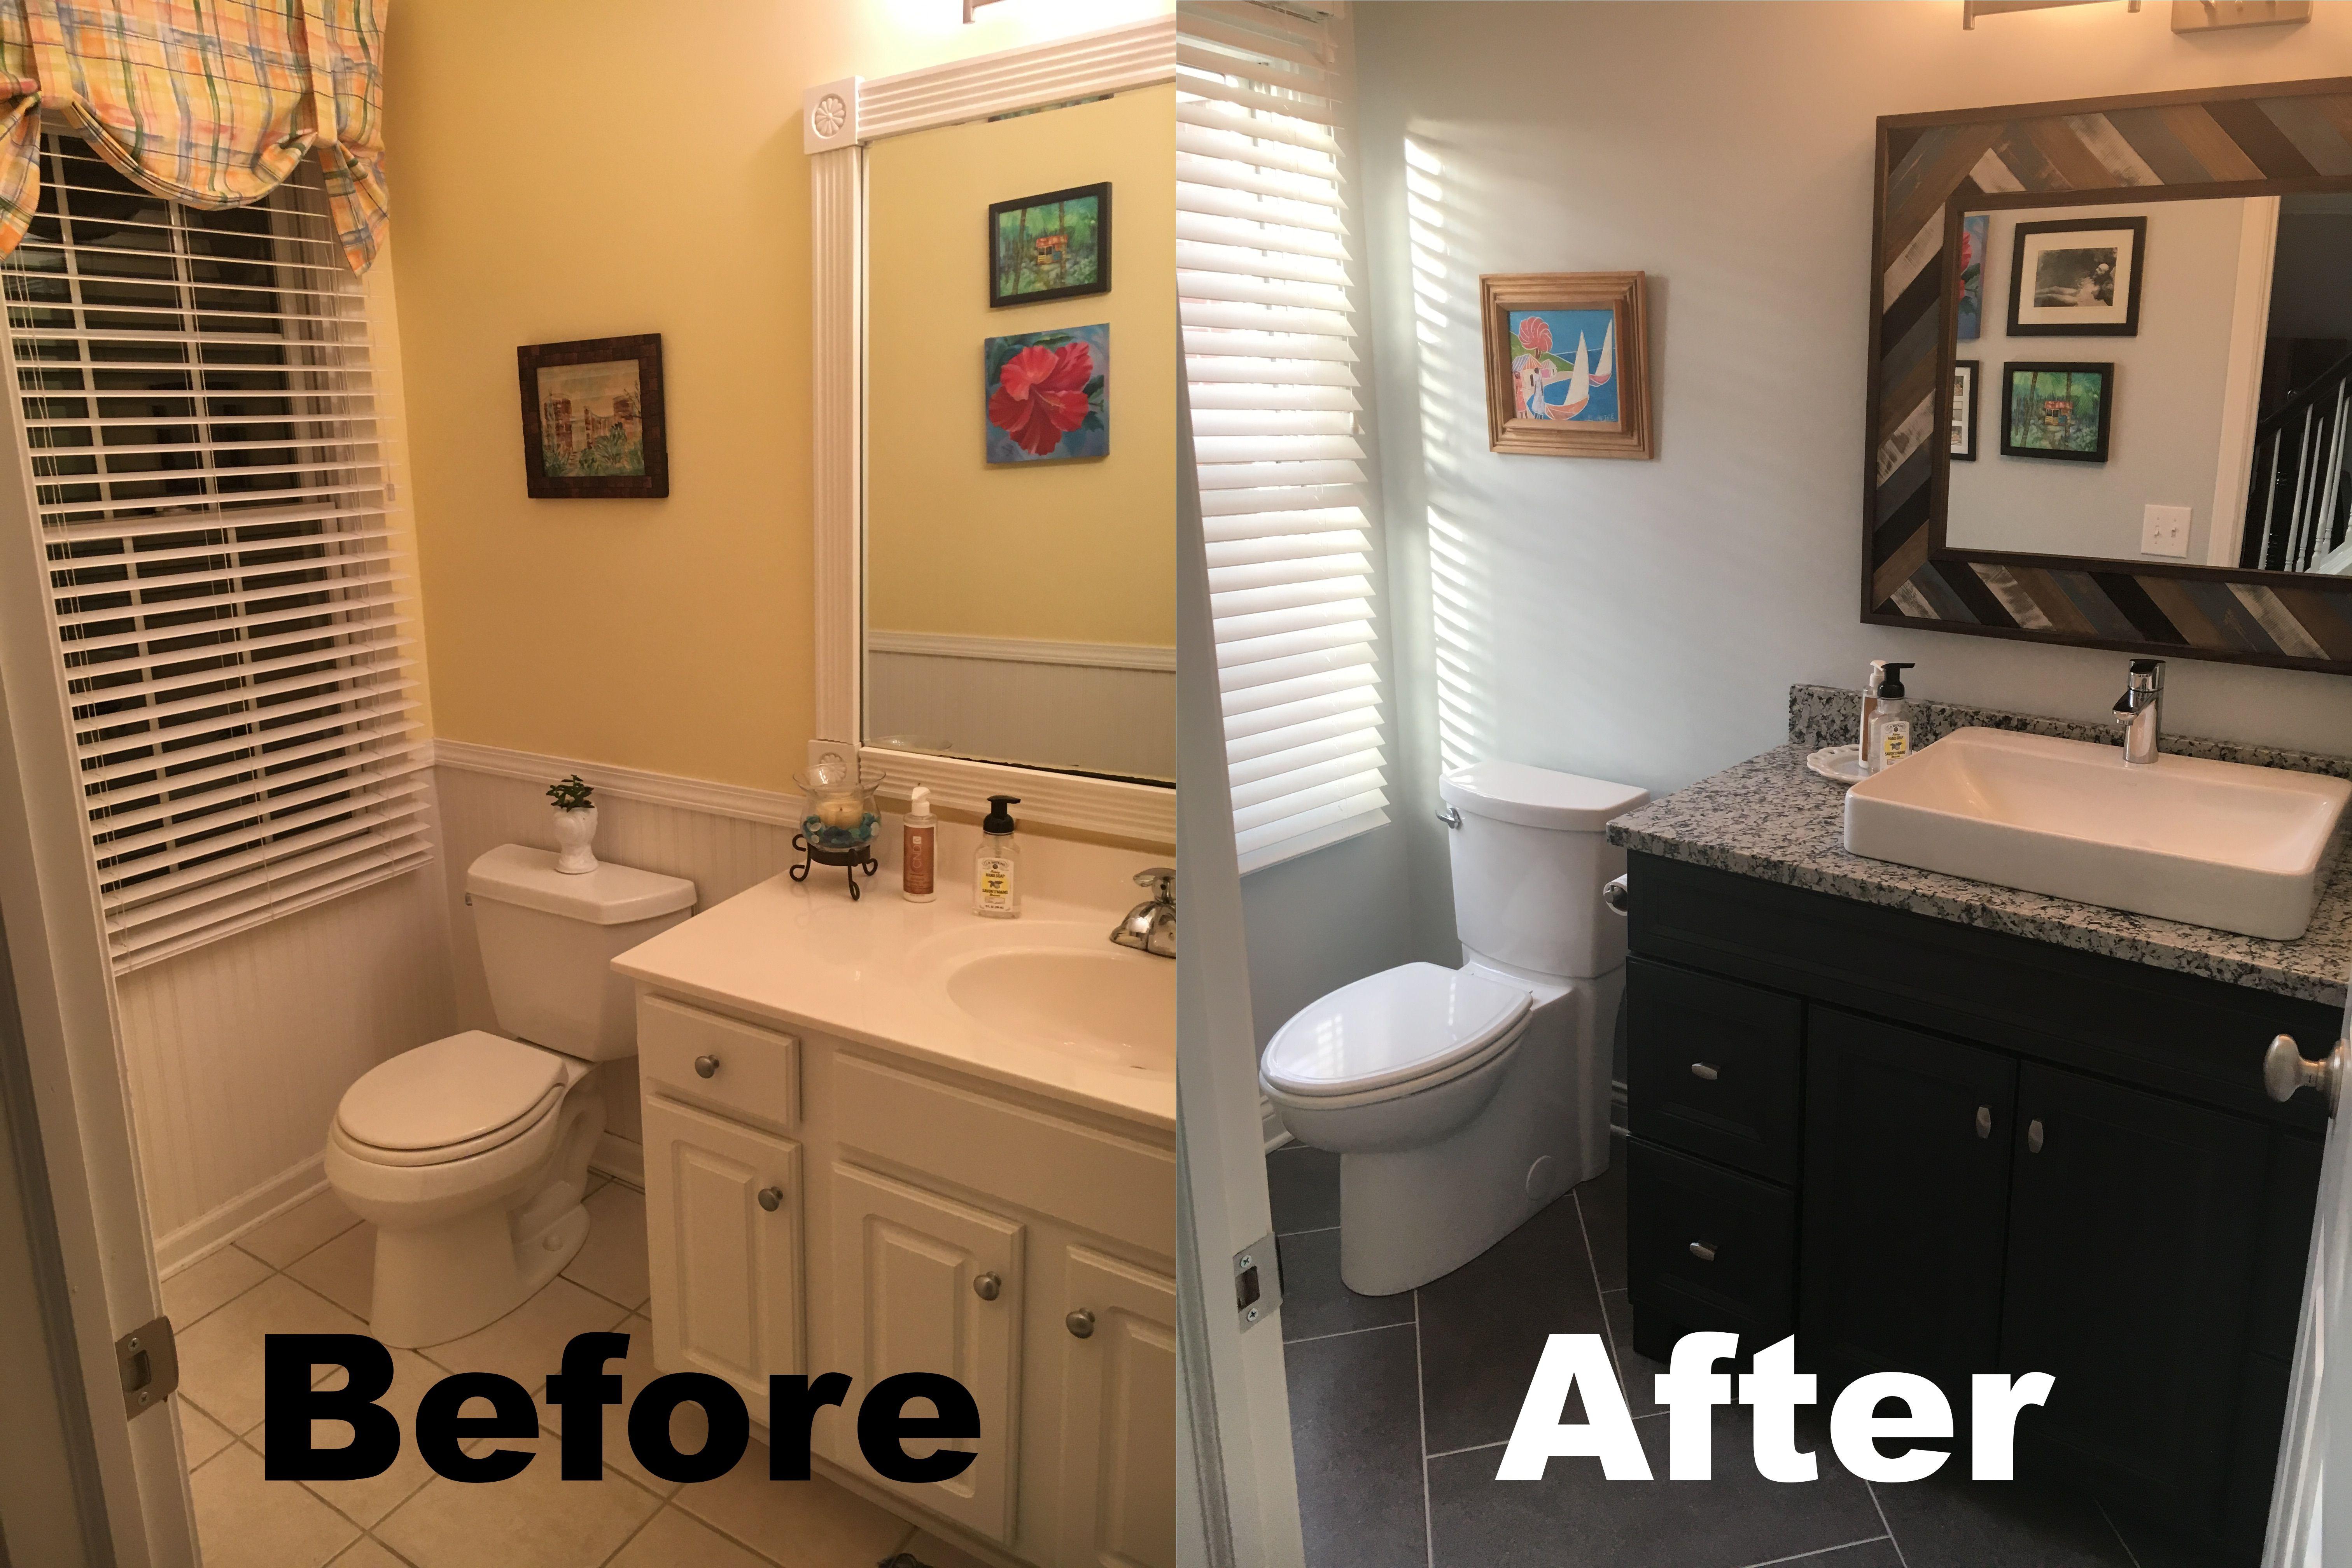 Powder Room Diy Update Vanity Diamond Freshfit Goslin Storm 48 Lowes Tile Mitte Gray Lowes 1 8 Grout S Master Bathroom Update Lowes Tile Bathroom Update